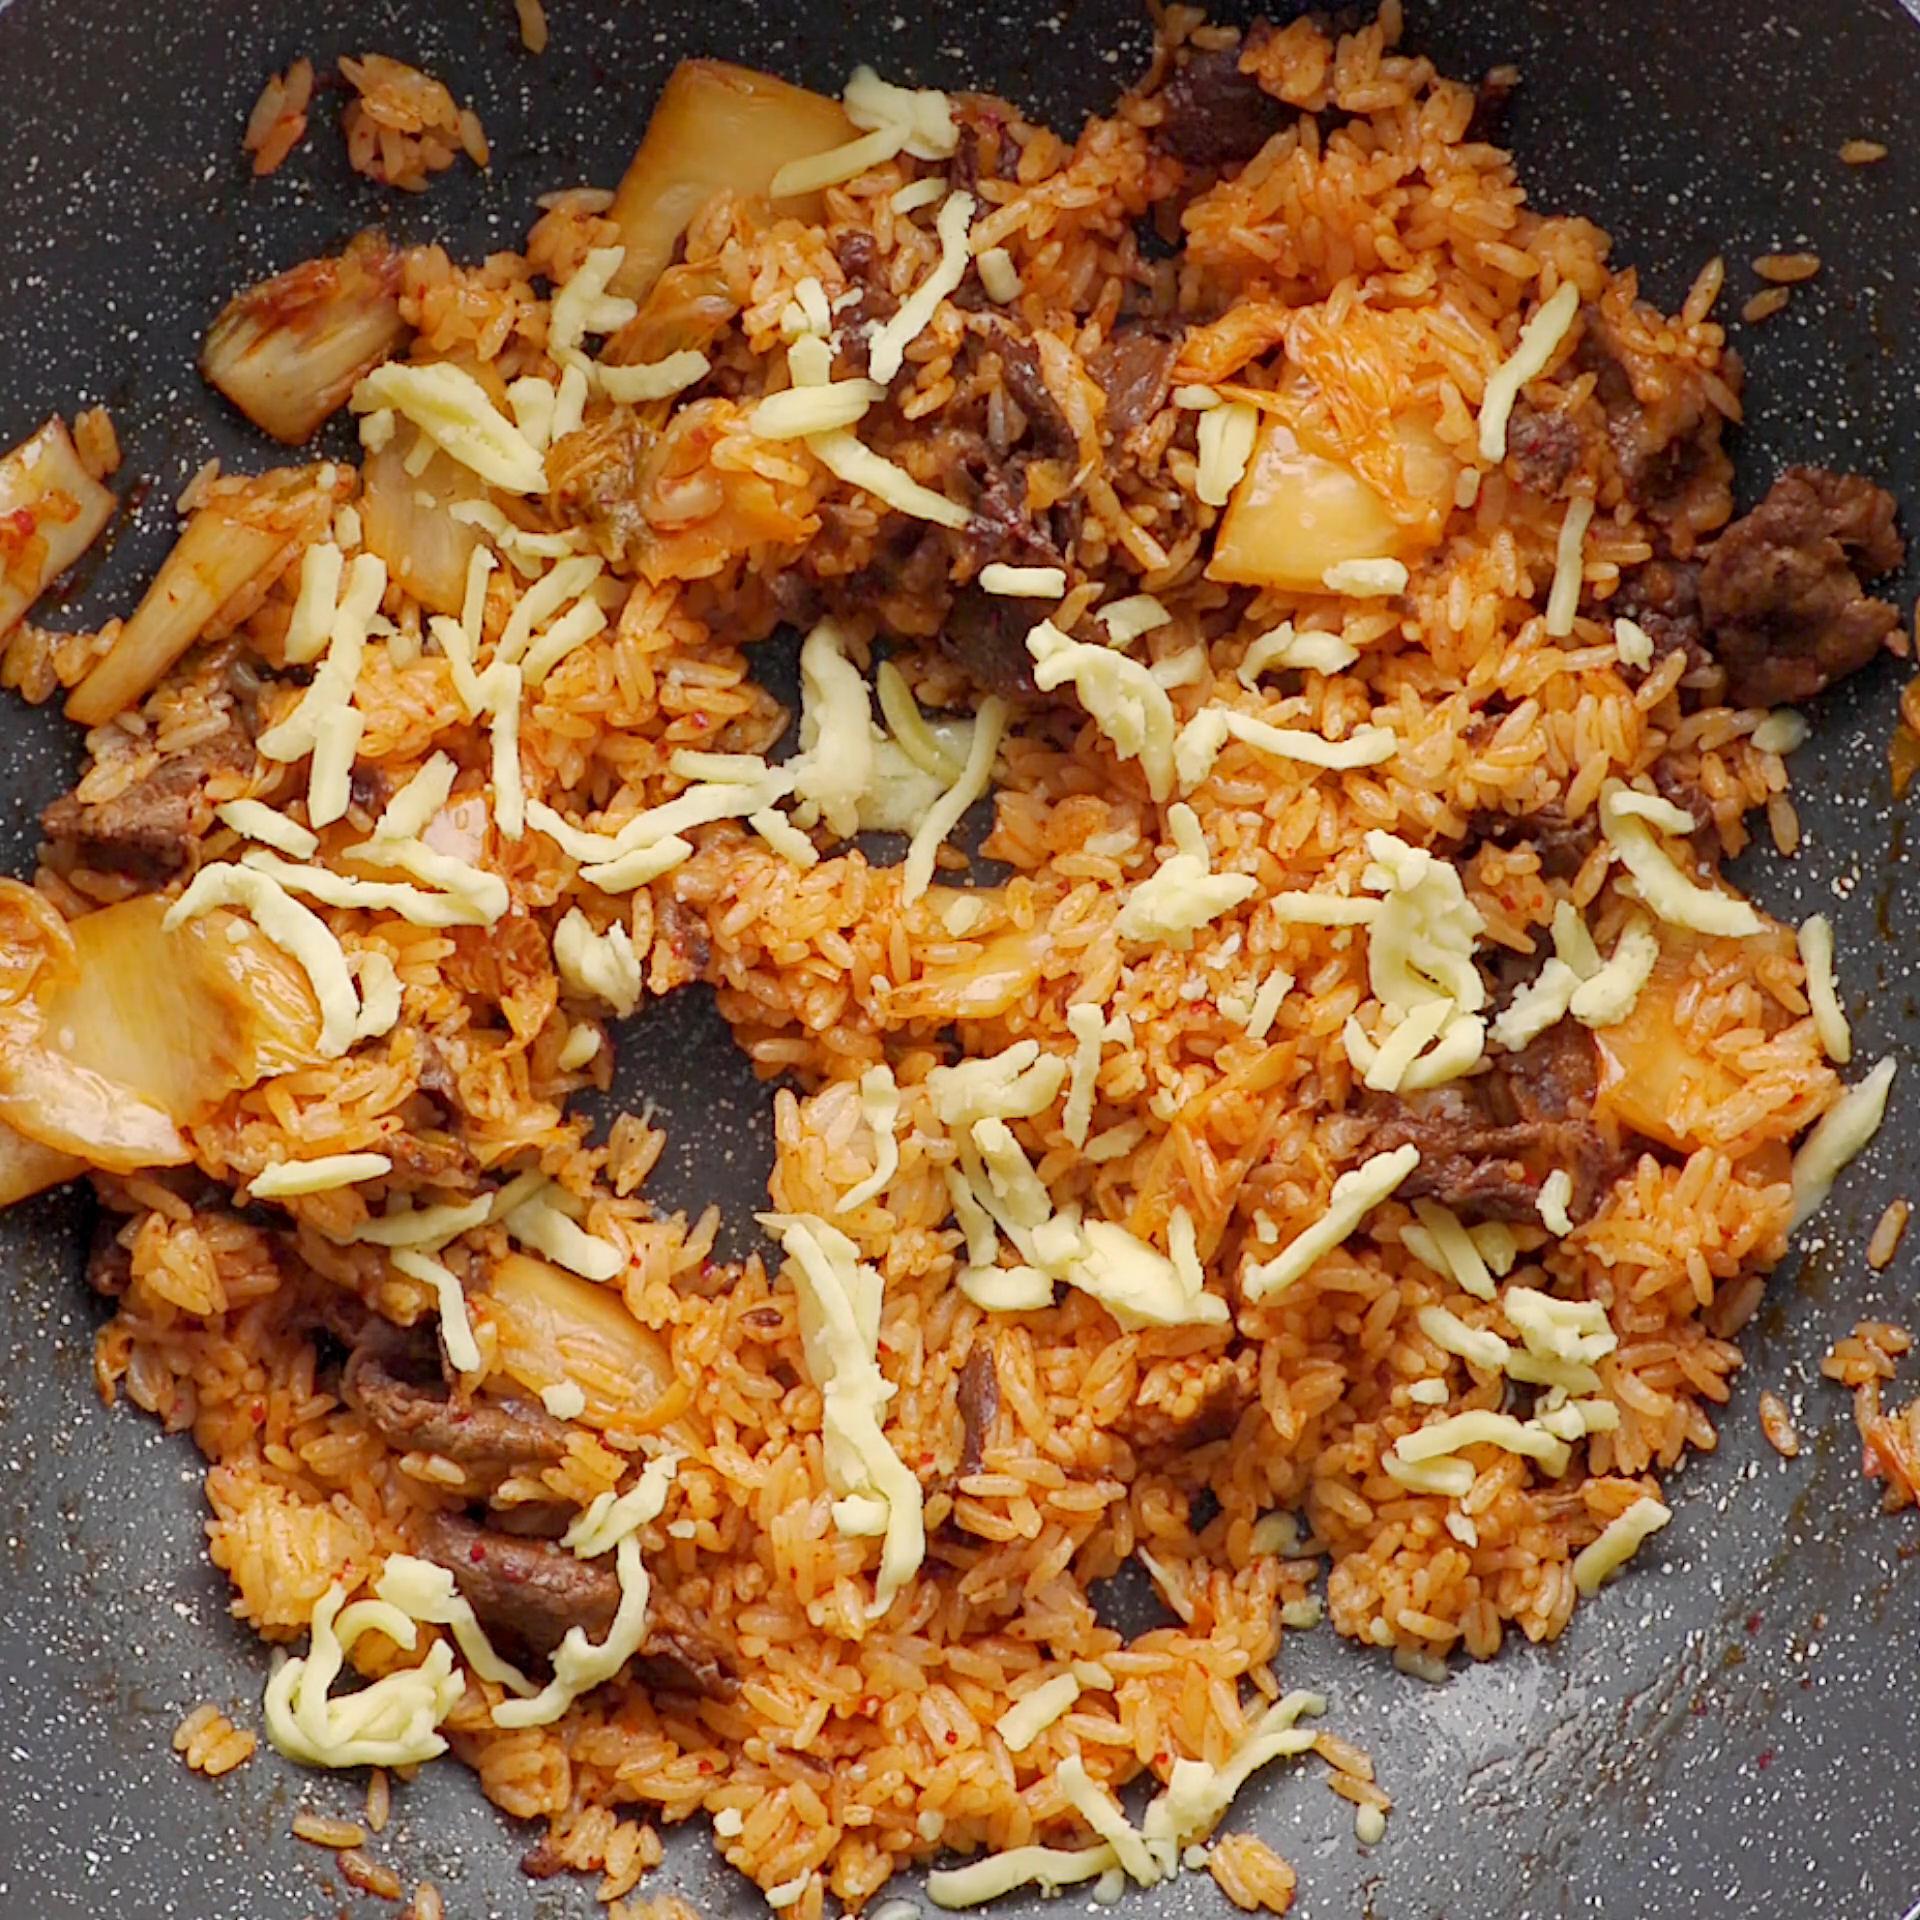 泡菜肥牛炒饭的做法 步骤4